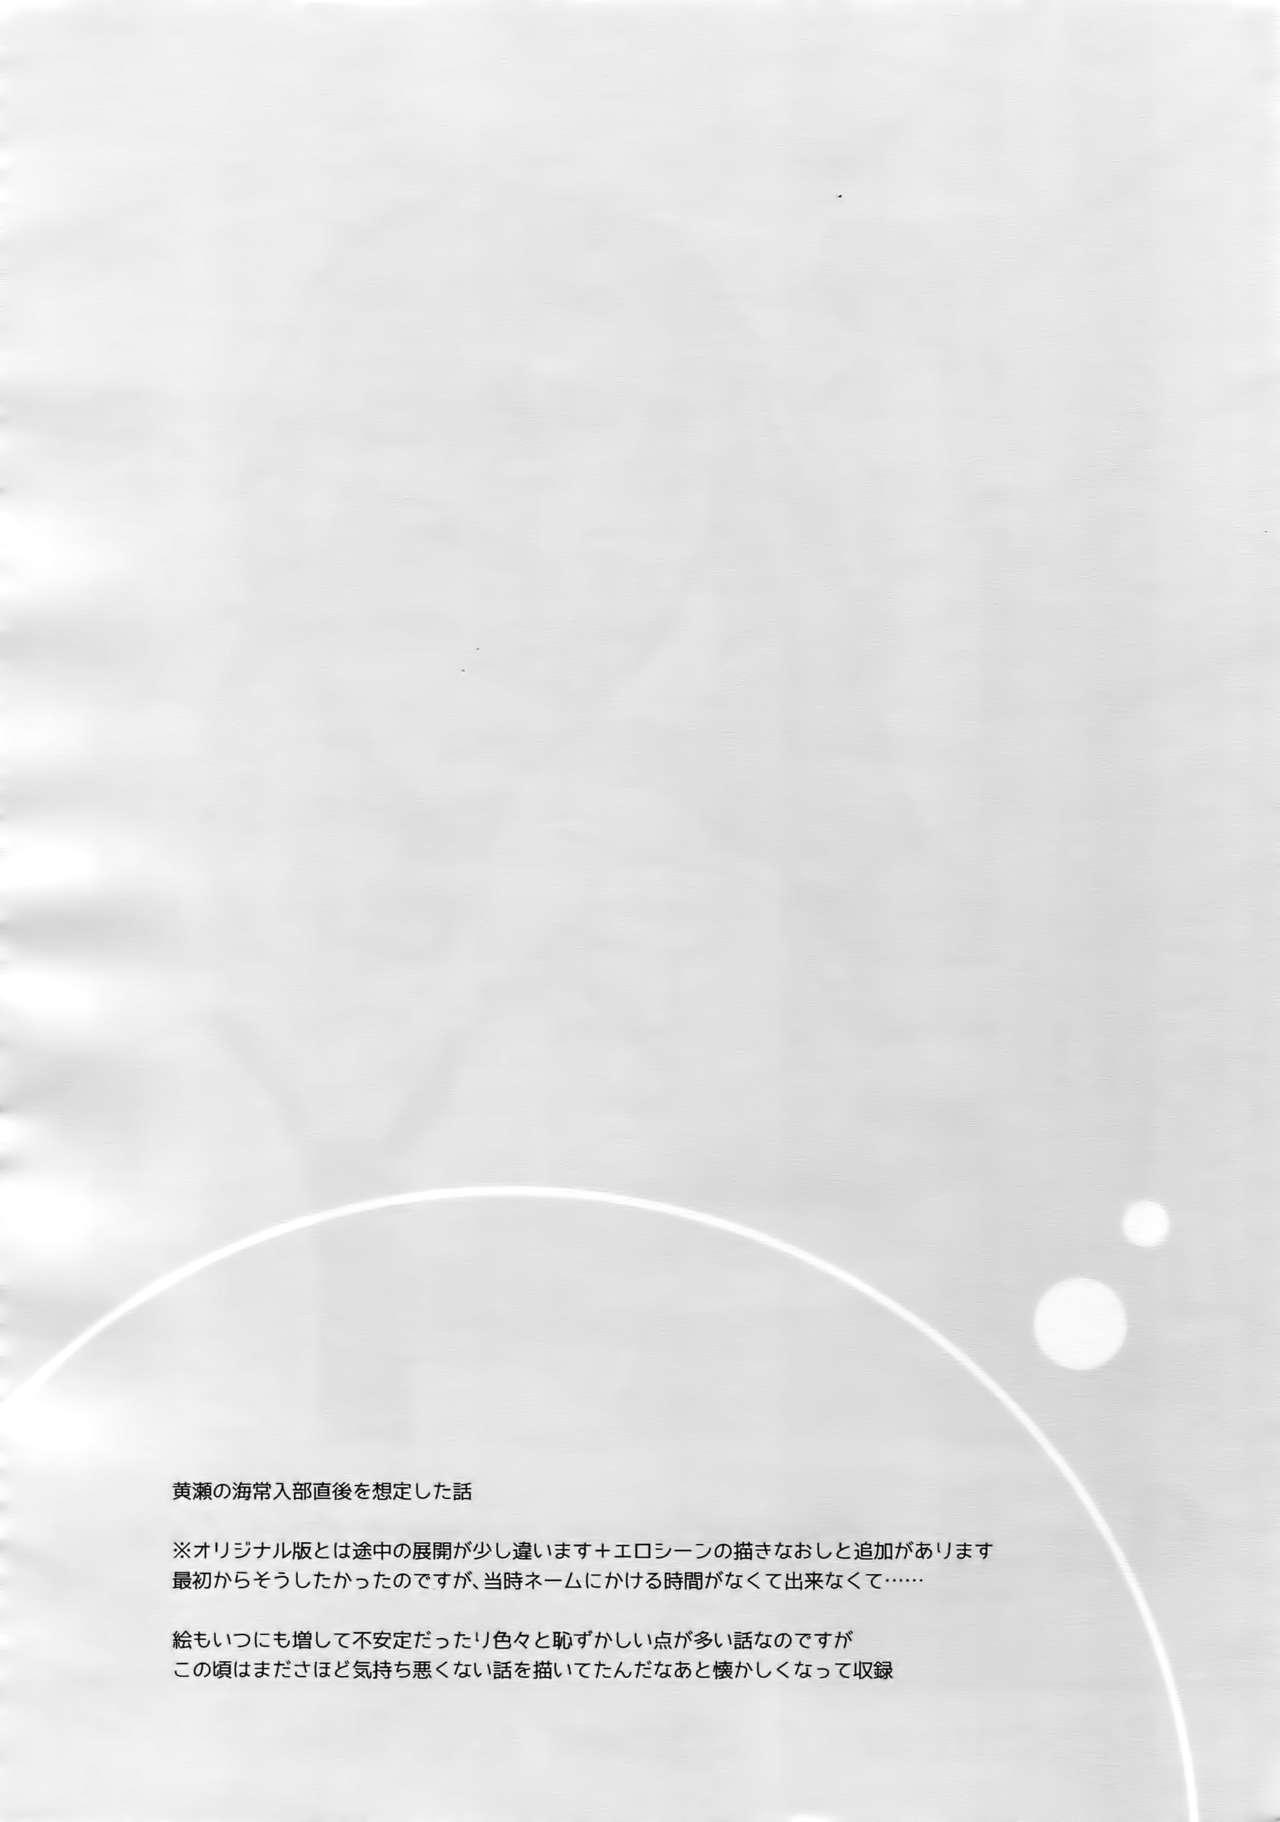 [Bakuchi Jinsei SP (Satsuki Fumi)] Kanpeki Kareshi to Zettai Ryouiki Ouji-sama - Another Version - (Kuroko no Basket) 6